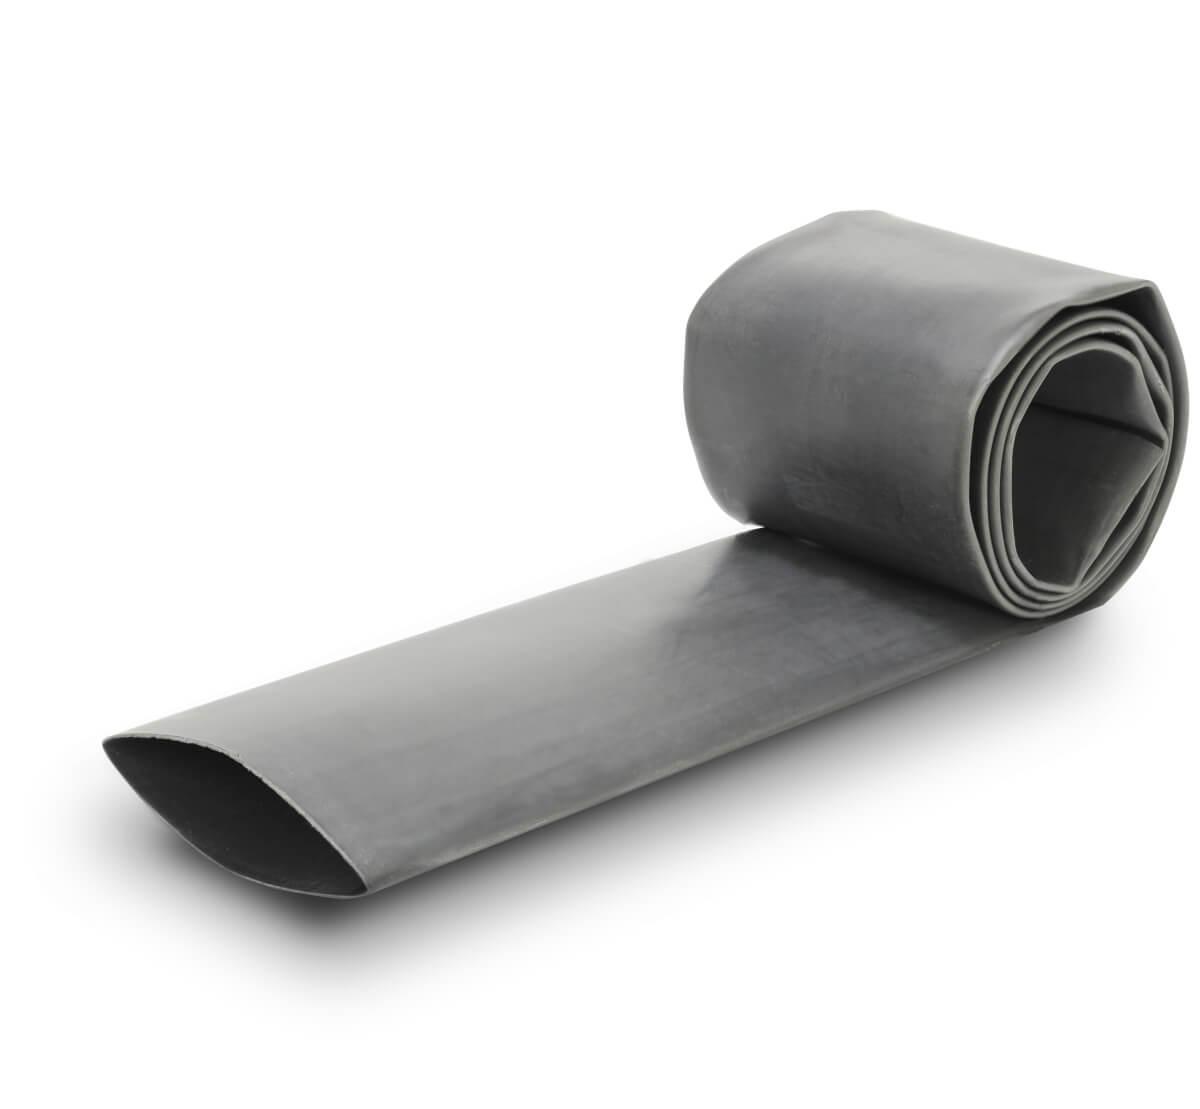 Heat-shrink tubing 2:1 Ø1mm Gray (1m)